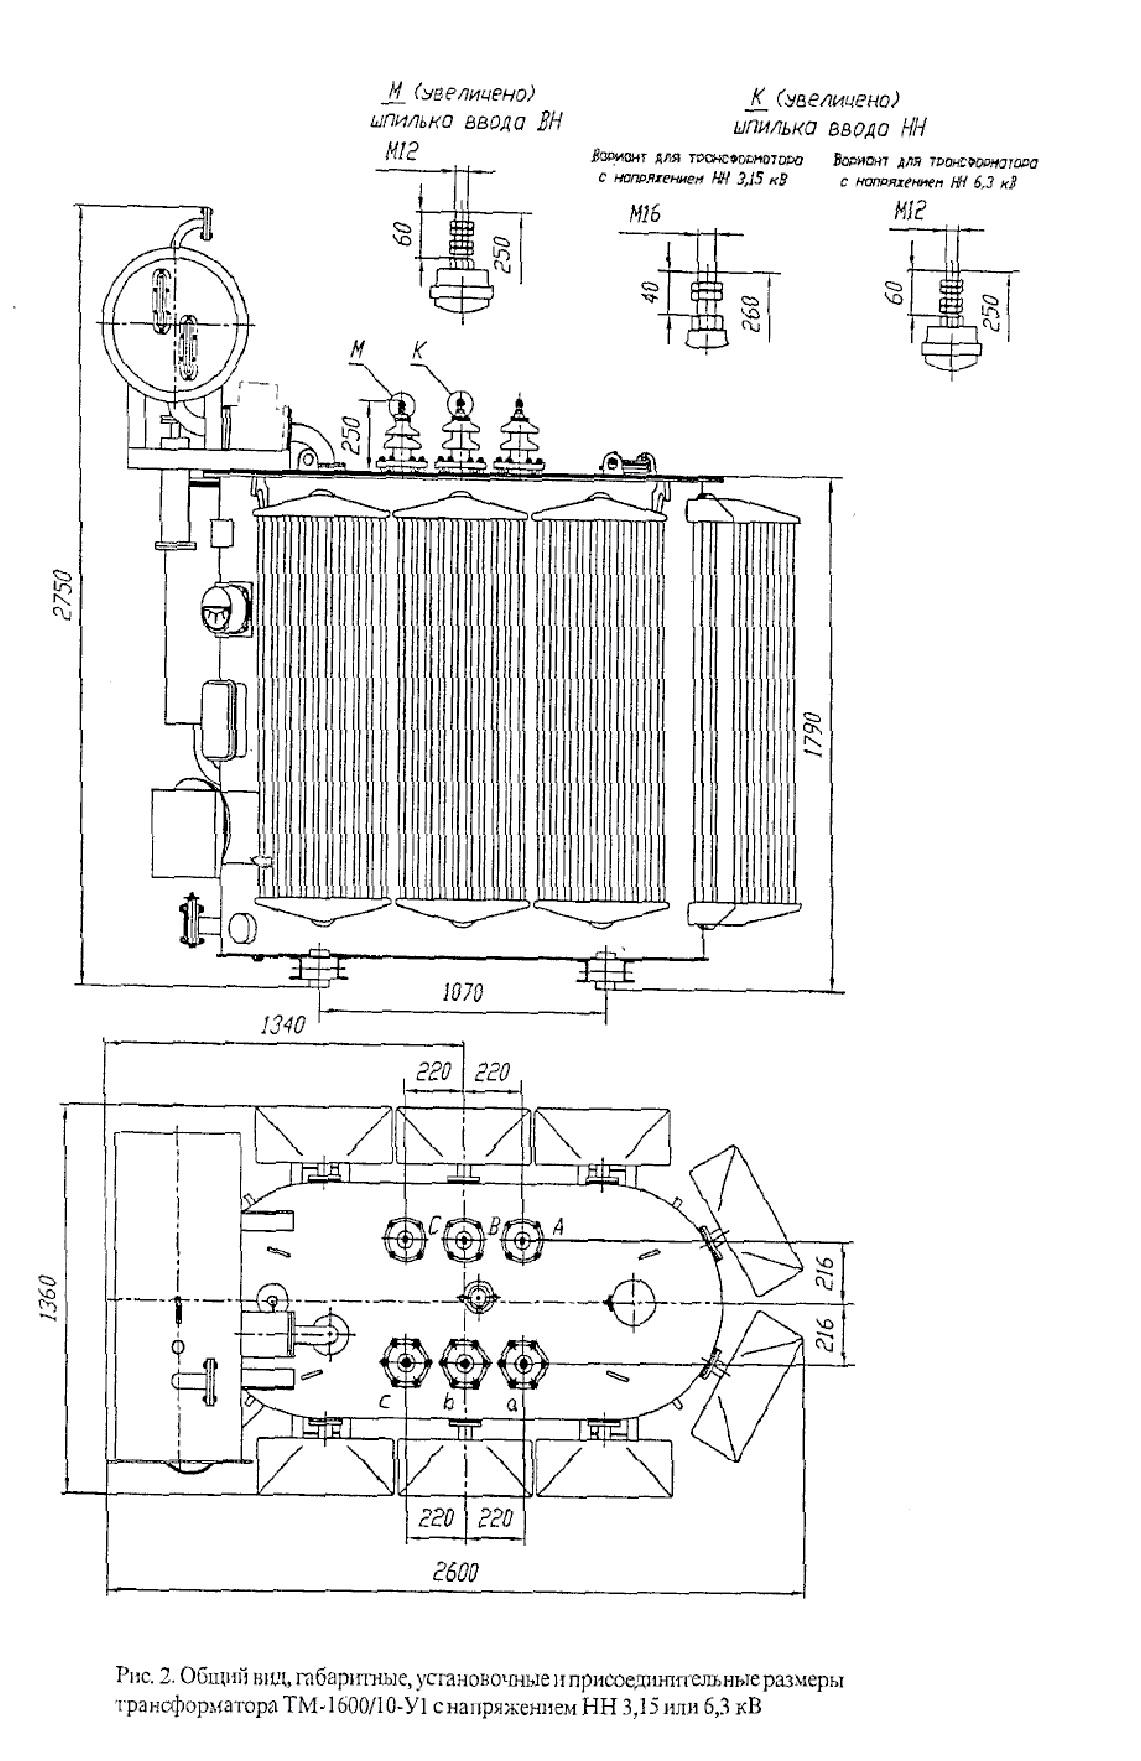 Трансформаторы трехфазные масляные с расширителем класса напряжения 6 и 10 кВ (с алюминиевыми обмотками)